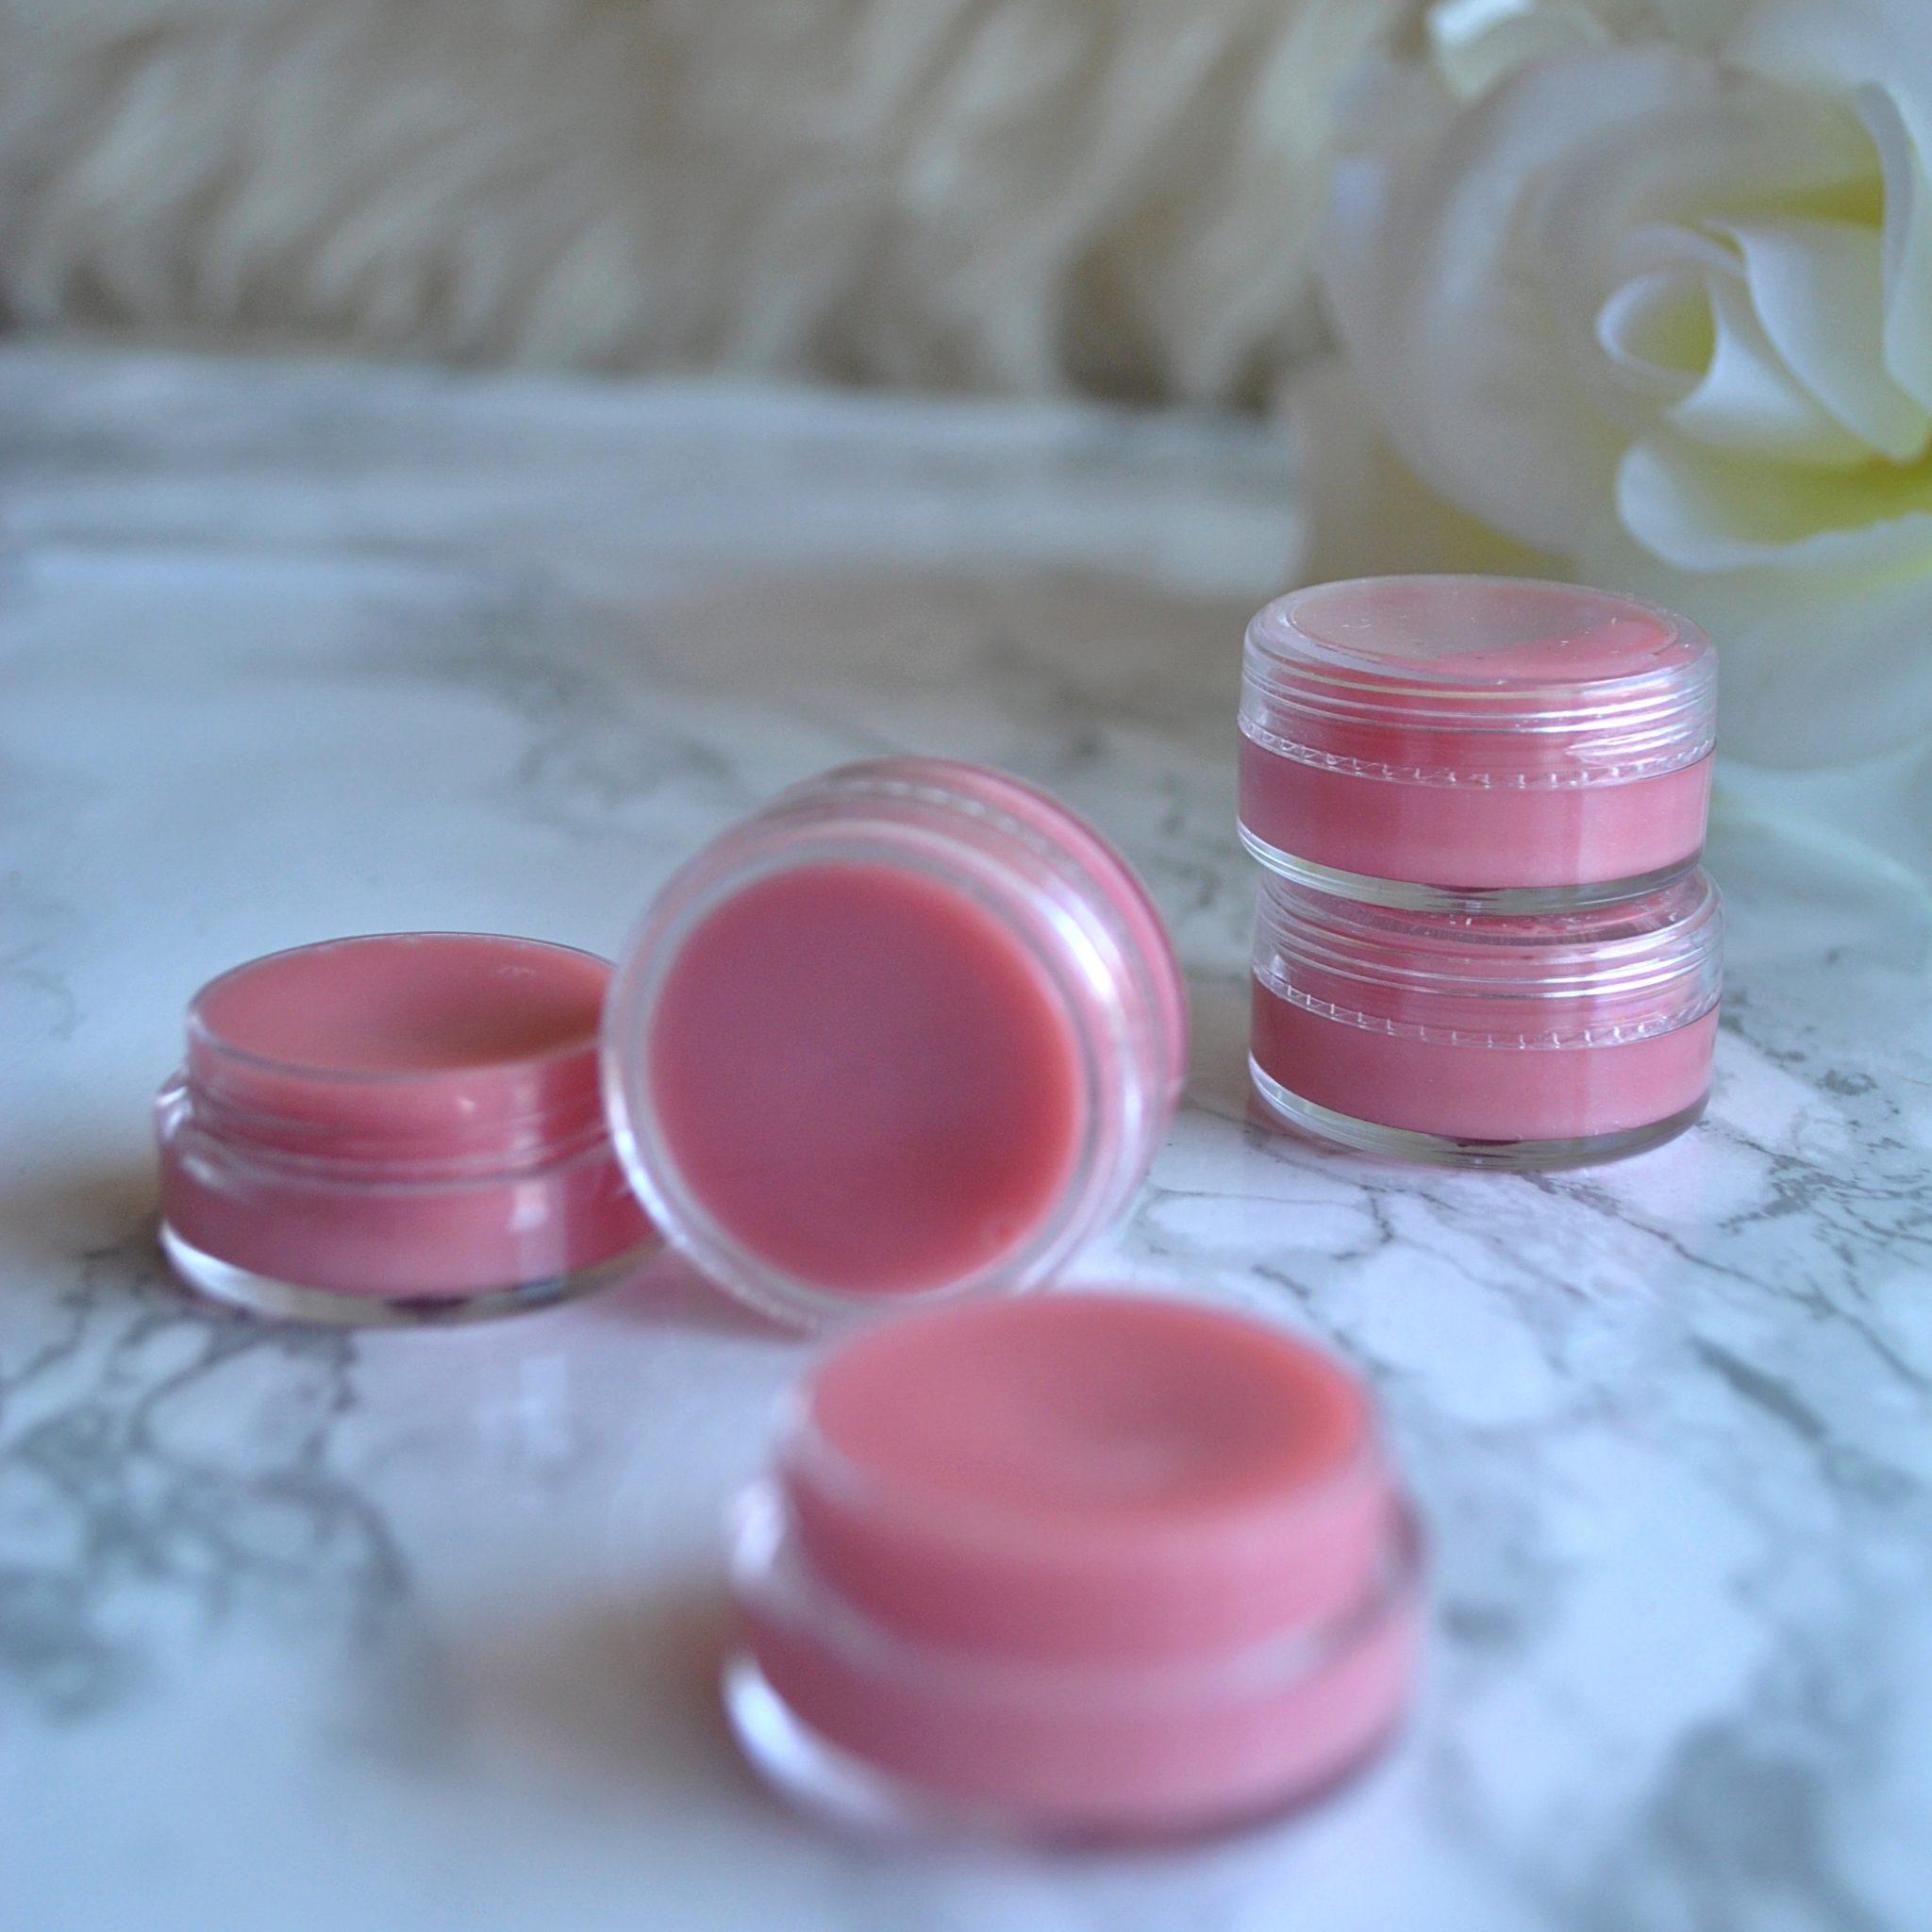 The-Hungarian-Brunette-Homemade-DIY-Lip-balm-23.jpg